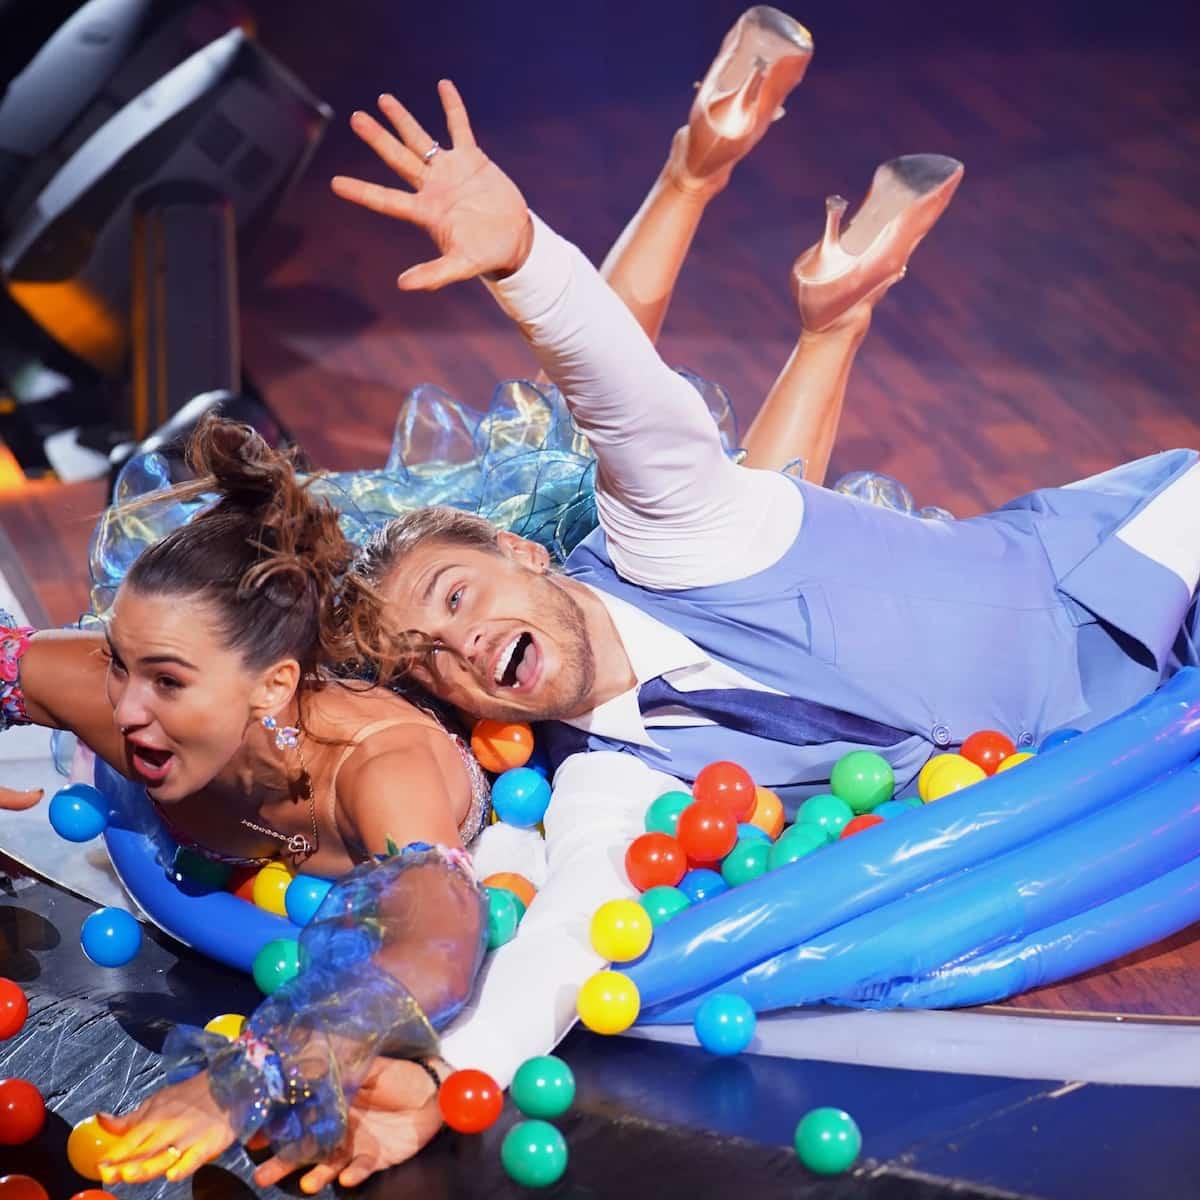 Renata Lusin und Rurik Gislason bei Let's dance am 9.4.2021